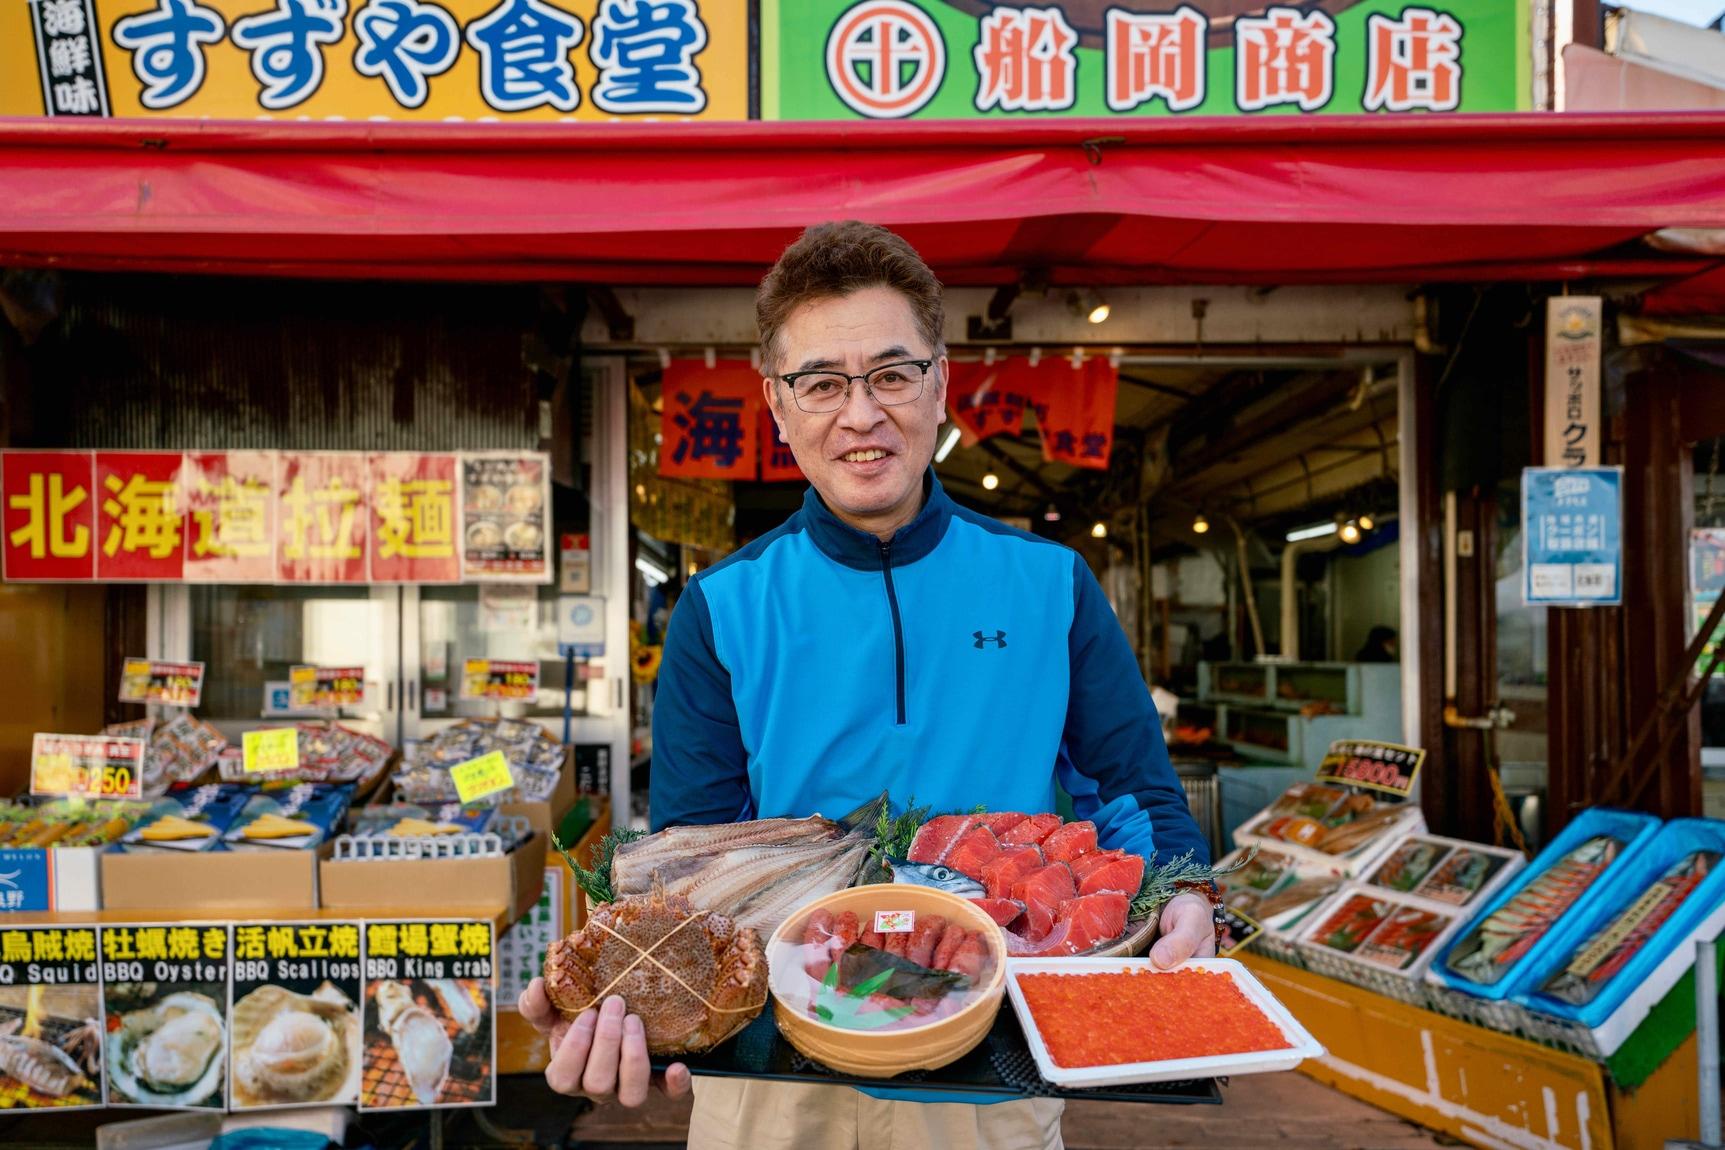 北海道函館市の観光名所である函館朝市で海産物の加工・販売とすずや食堂を営む船岡商店